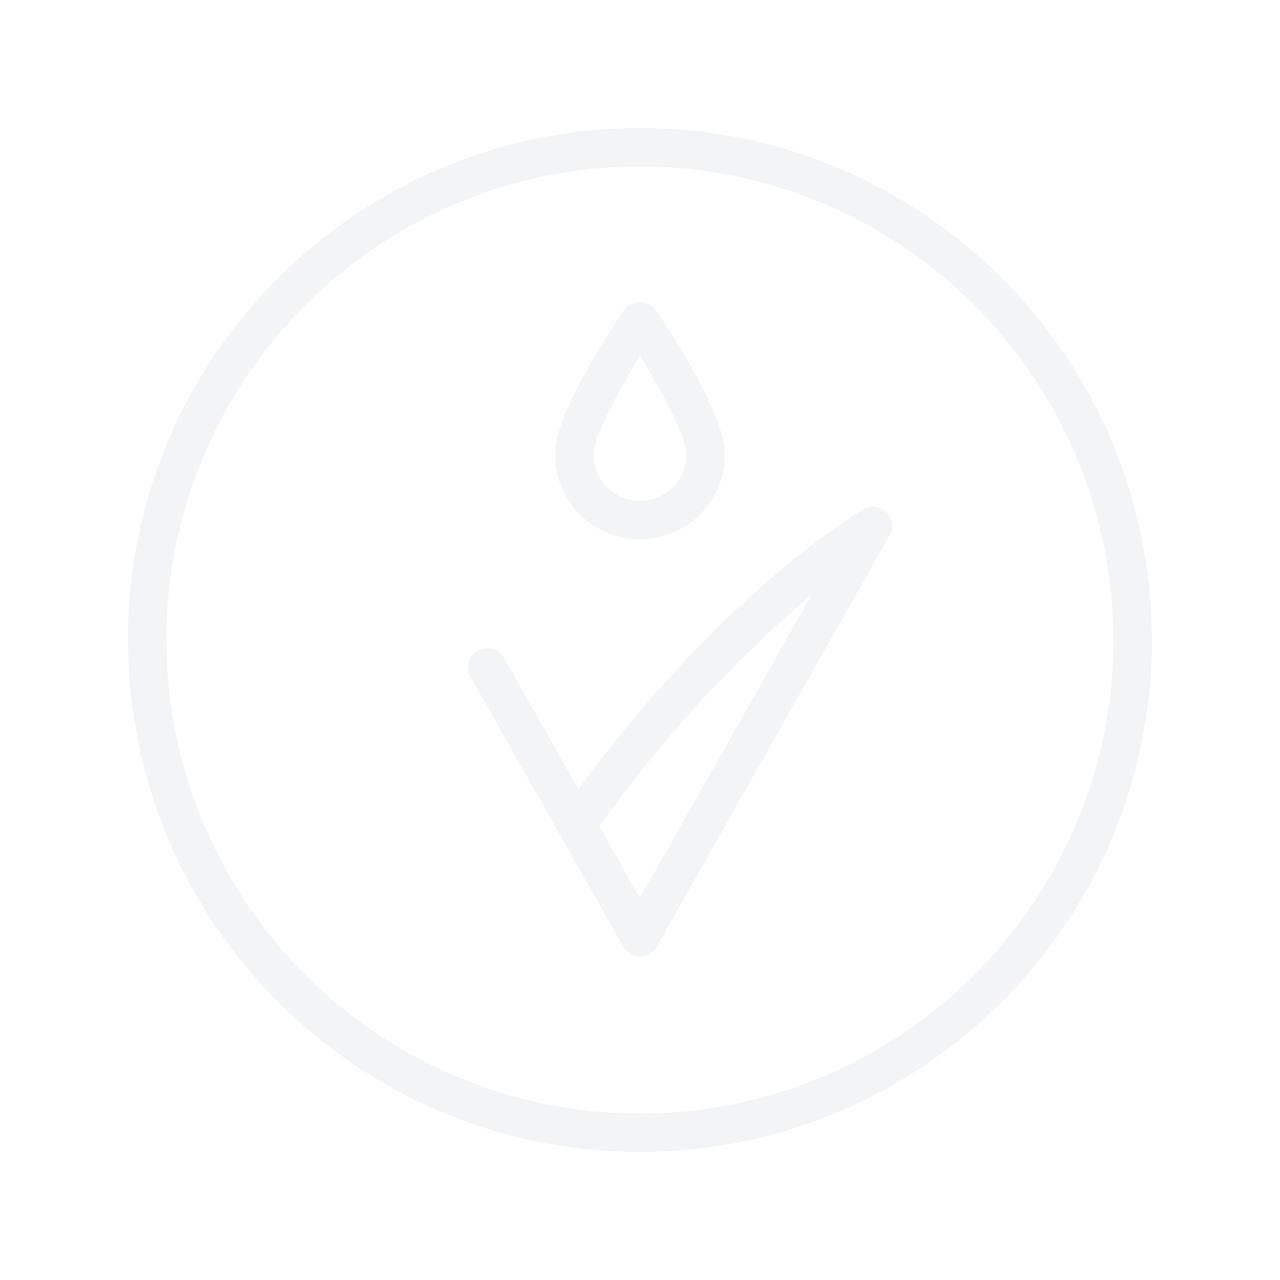 GIORGIO ARMANI Acqua Di Gio Pour Homme 100ml Eau De Toilette Gift Set